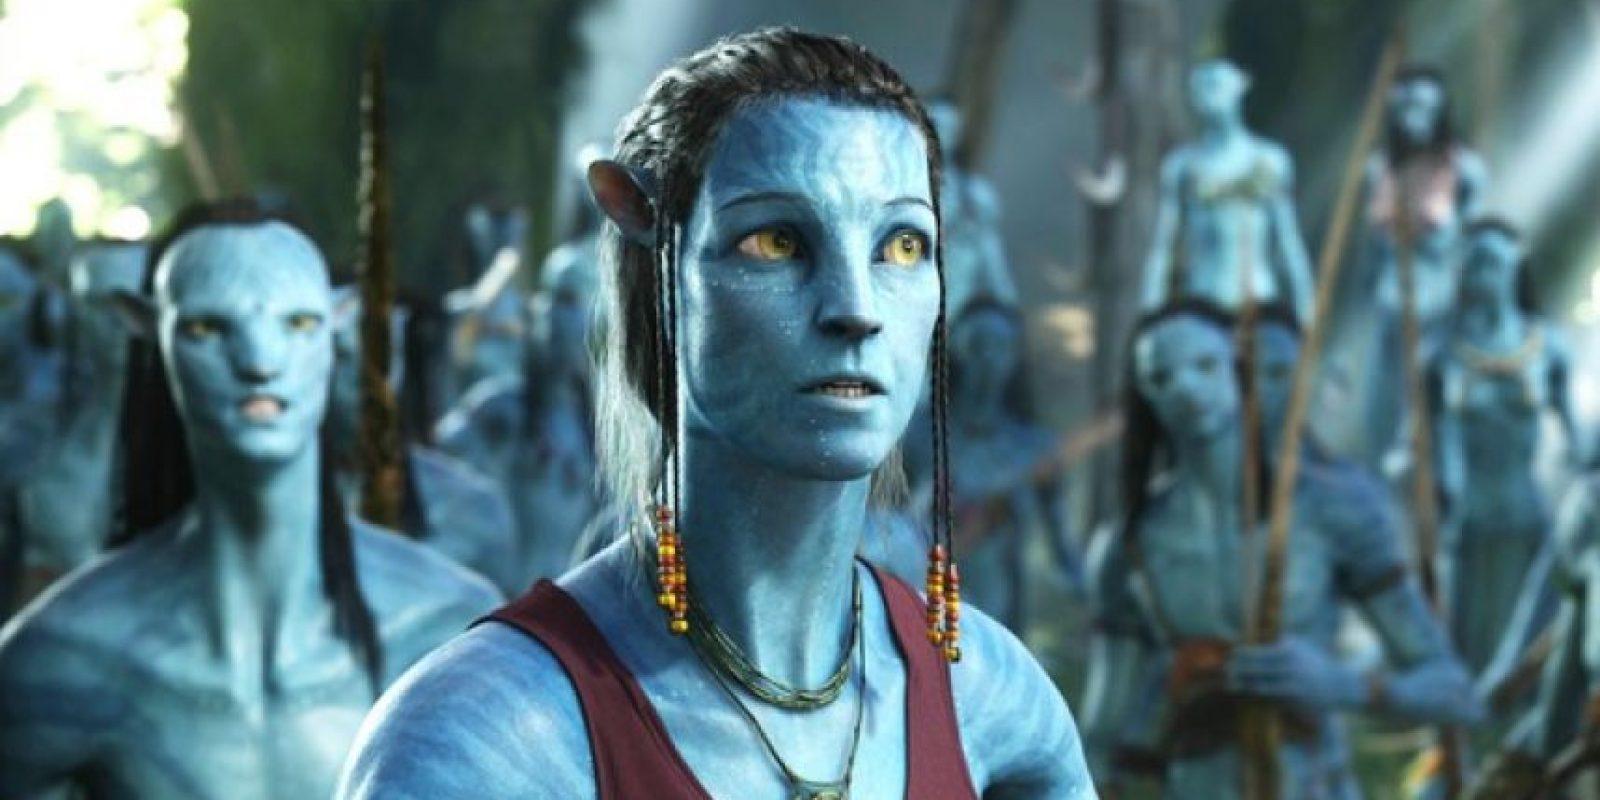 Protagonizada por Sam Worthington, Zoe Saldaña, Sigourney Weaver, Stephen Lang y Michelle Rodríguez. Foto:Avatarmovie.com